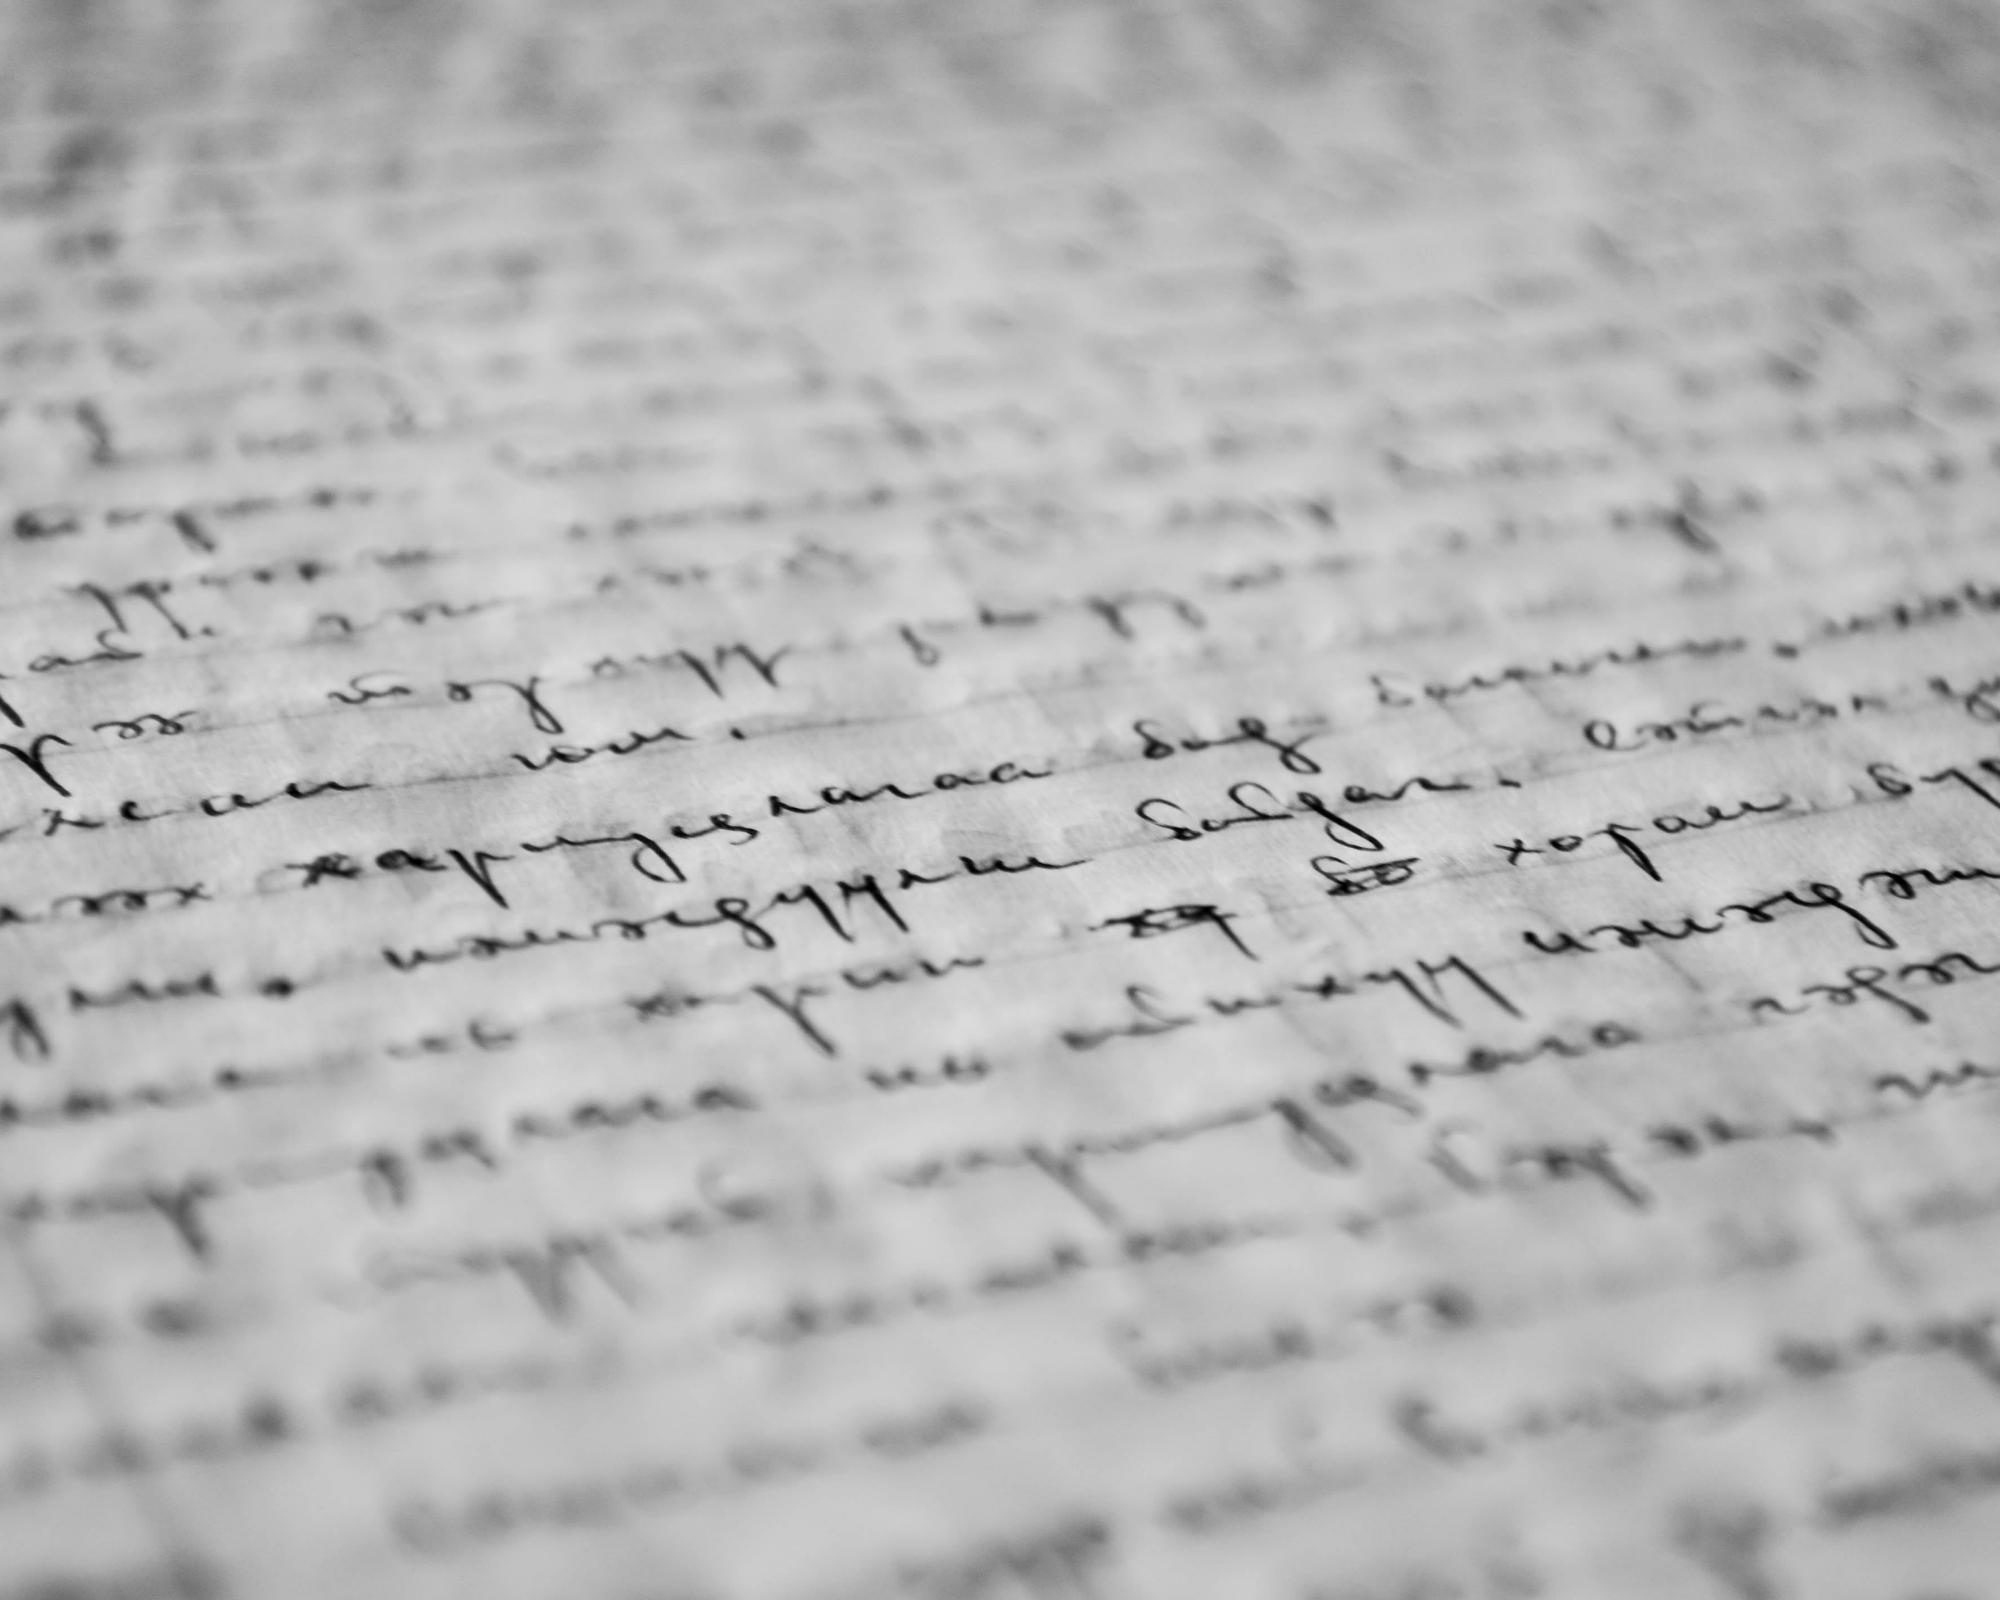 Handwritten cyrilic script